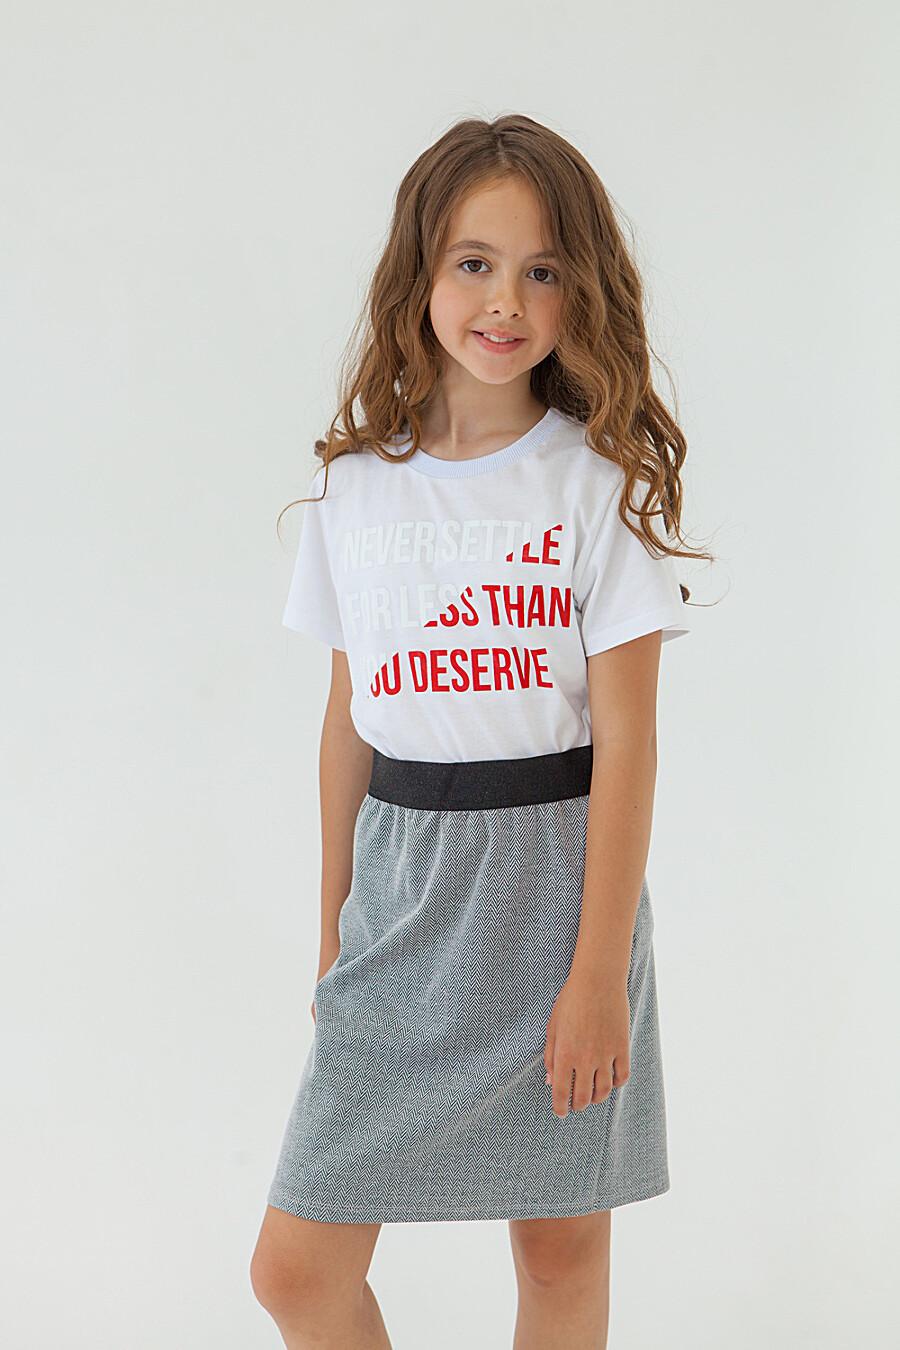 Футболка 1486 для девочек НАТАЛИ 288665 купить оптом от производителя. Совместная покупка детской одежды в OptMoyo